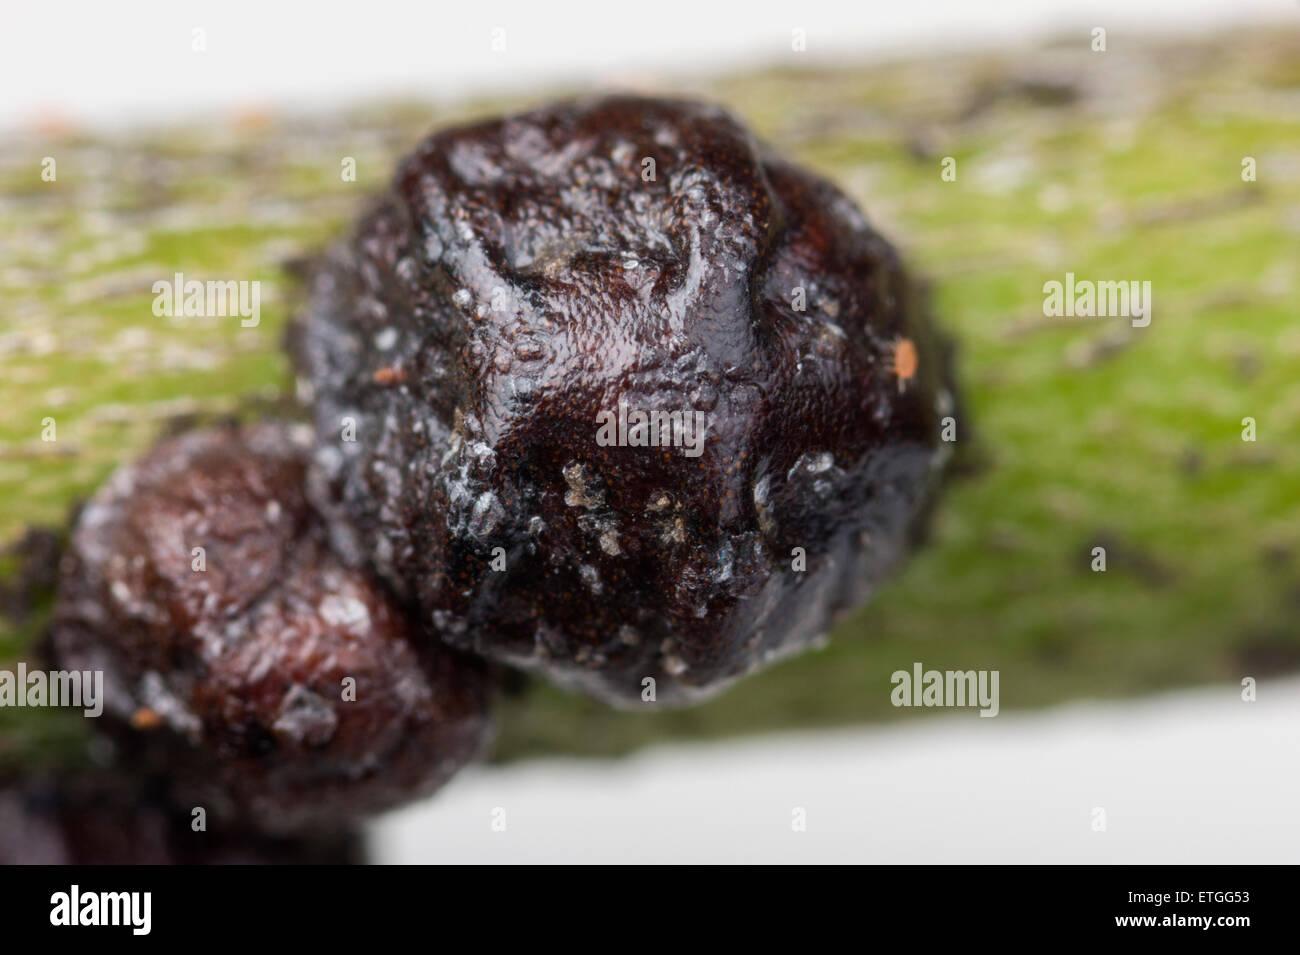 Black olive scale on oleander - Stock Image